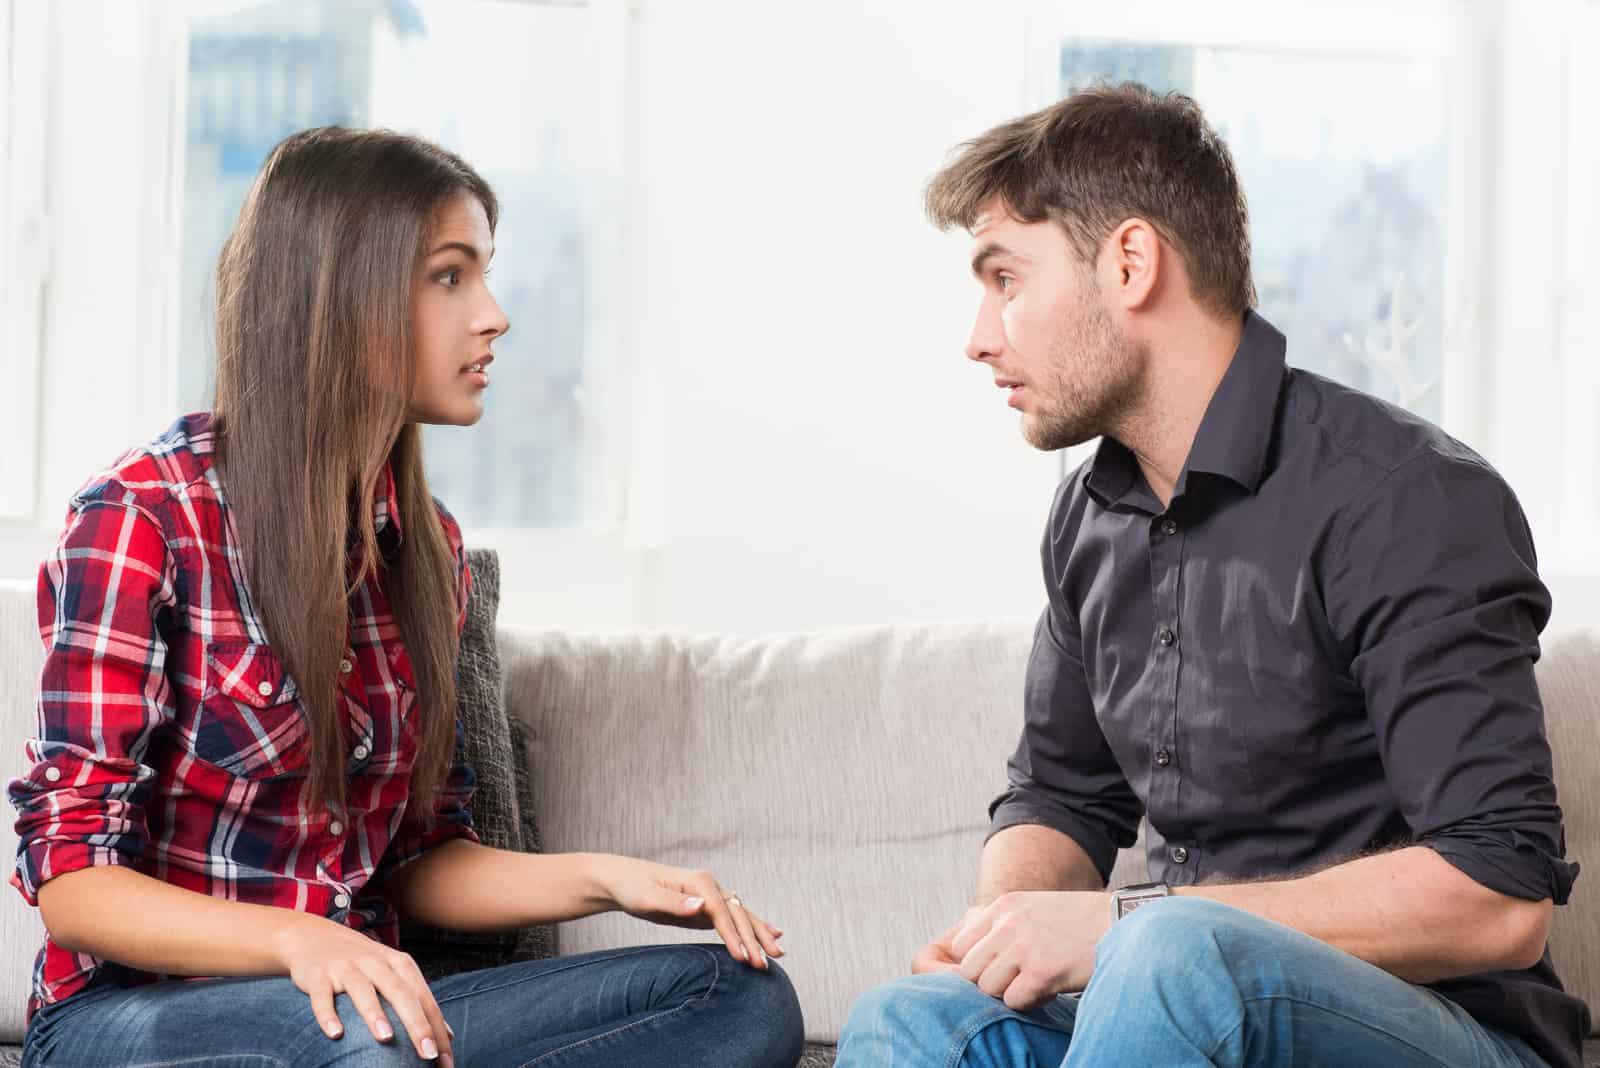 un homme et une femme se disputent dans la maison